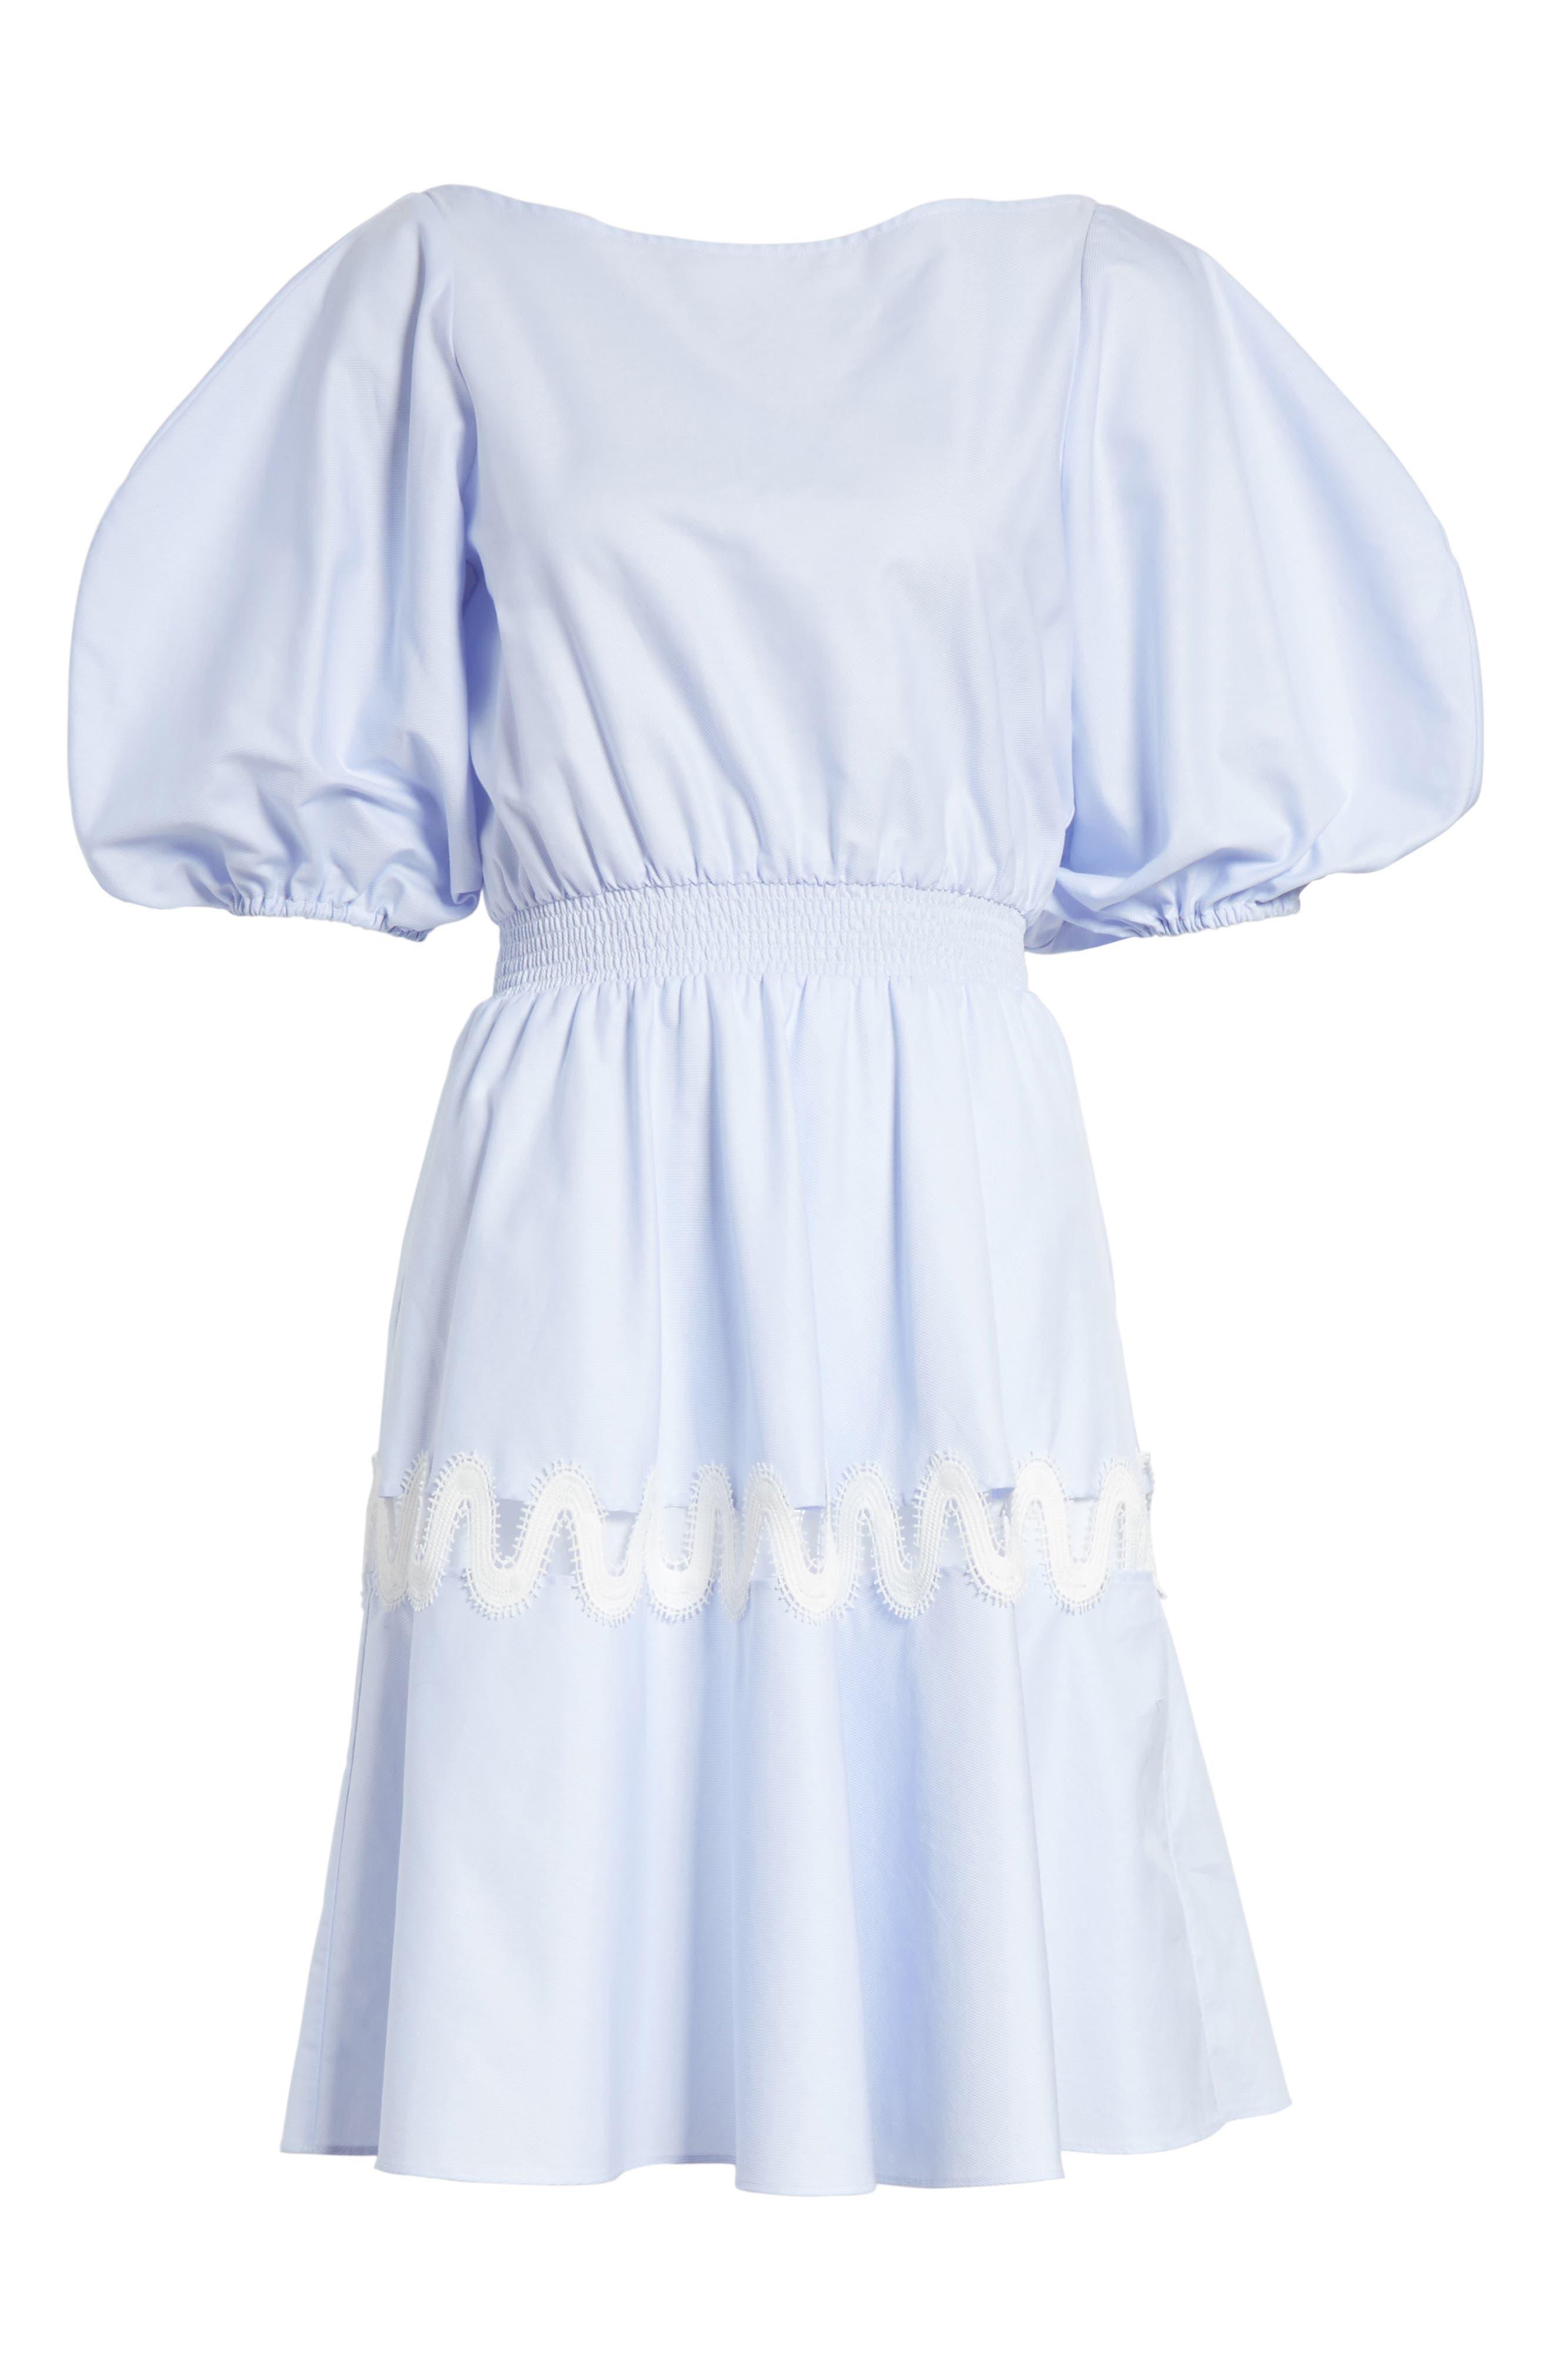 Prose & Poetry Charleene Cotton Balloon Sleeve Dress,                             Alternate thumbnail 6, color,                             420